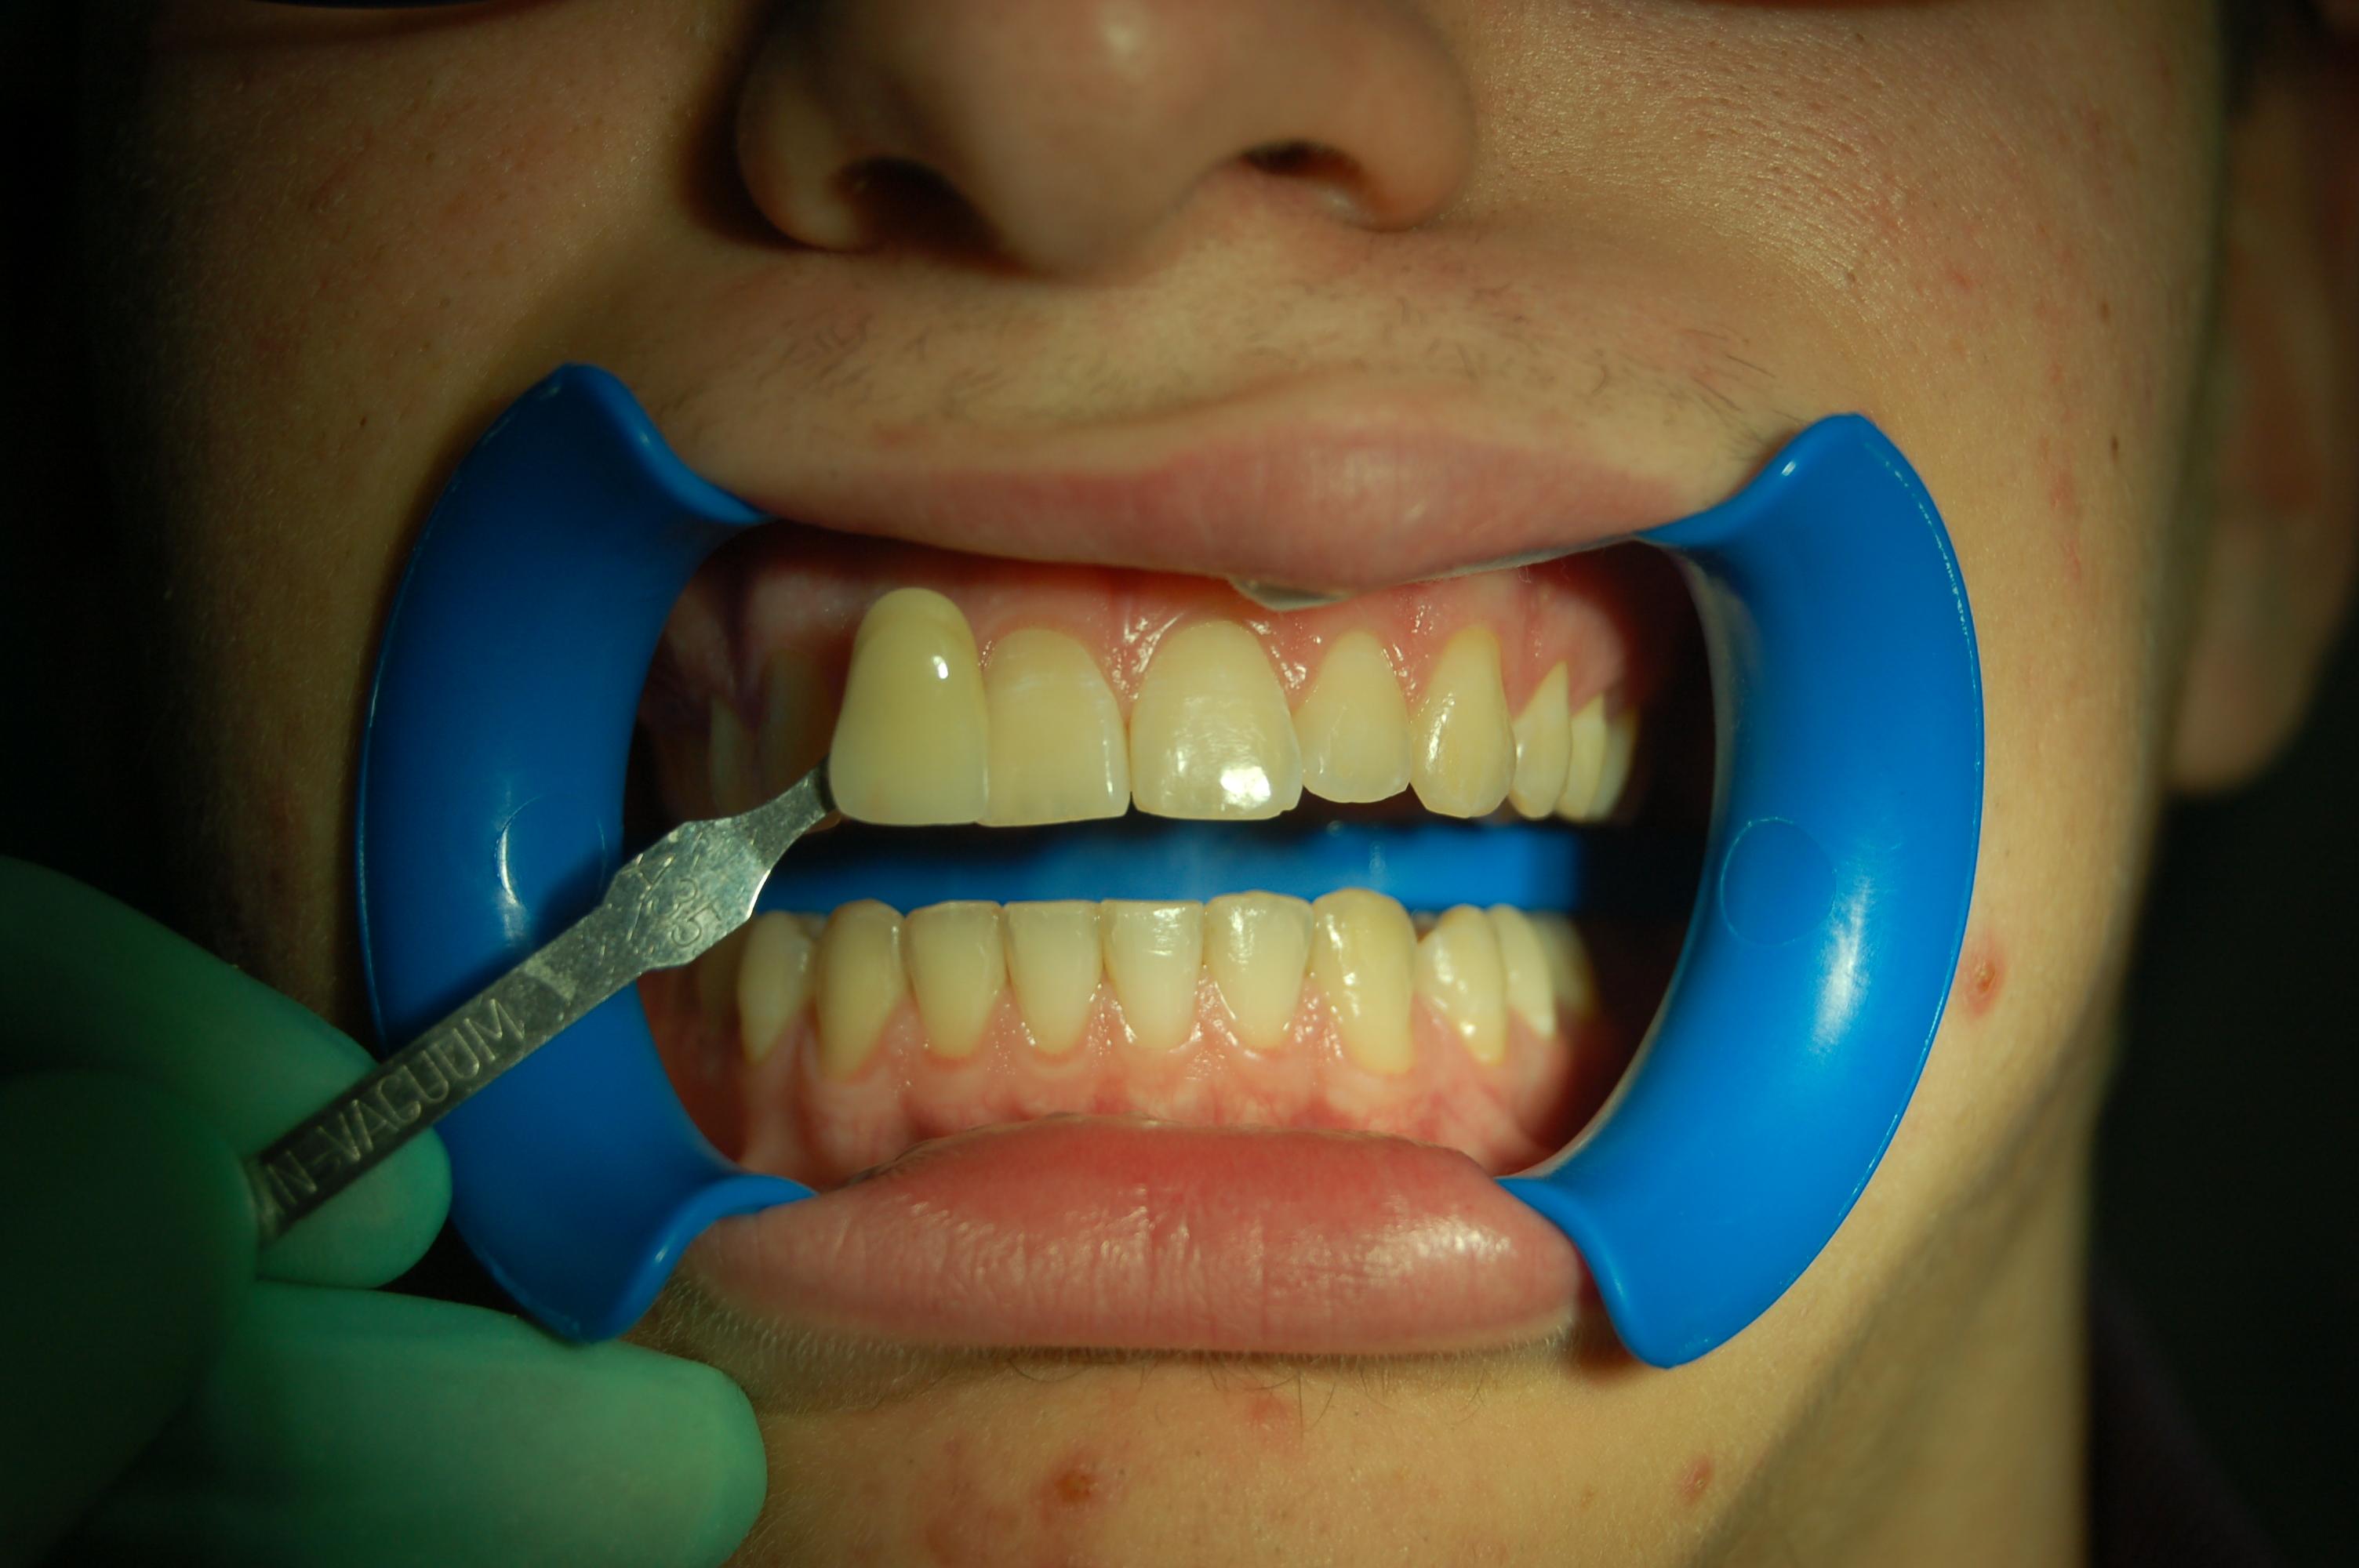 Sbiancamento dentale professionale con perossido di idrogeno